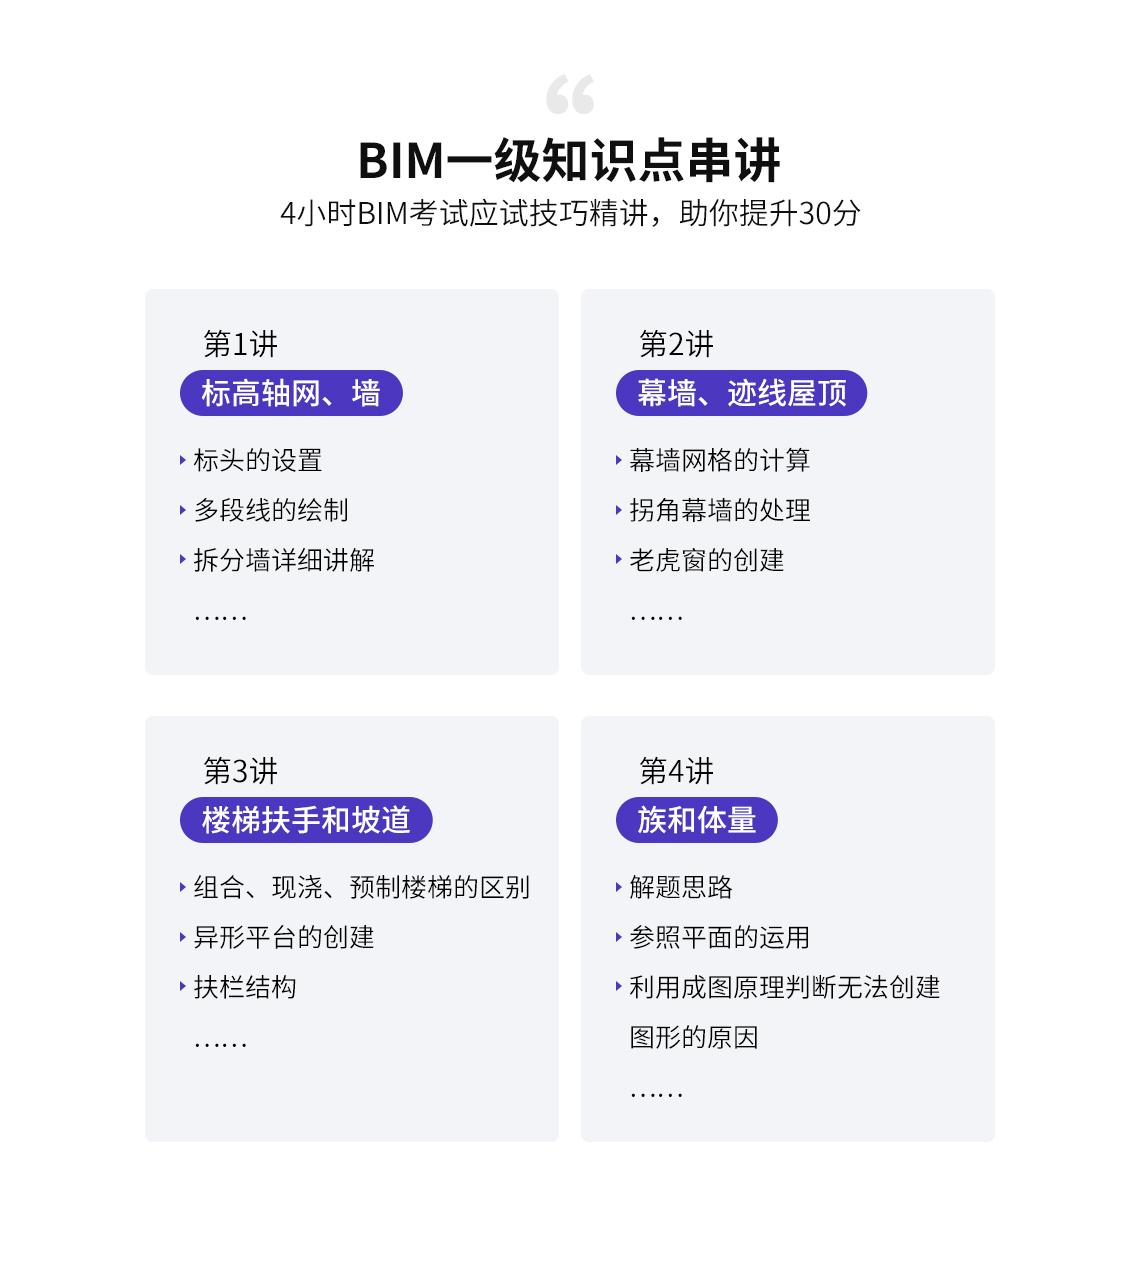 BIM一级知识点串讲,详细介绍每一堂直播课讲解内容,罗列知识点,帮助学员一次通过全国BIM等级考试,考取证书